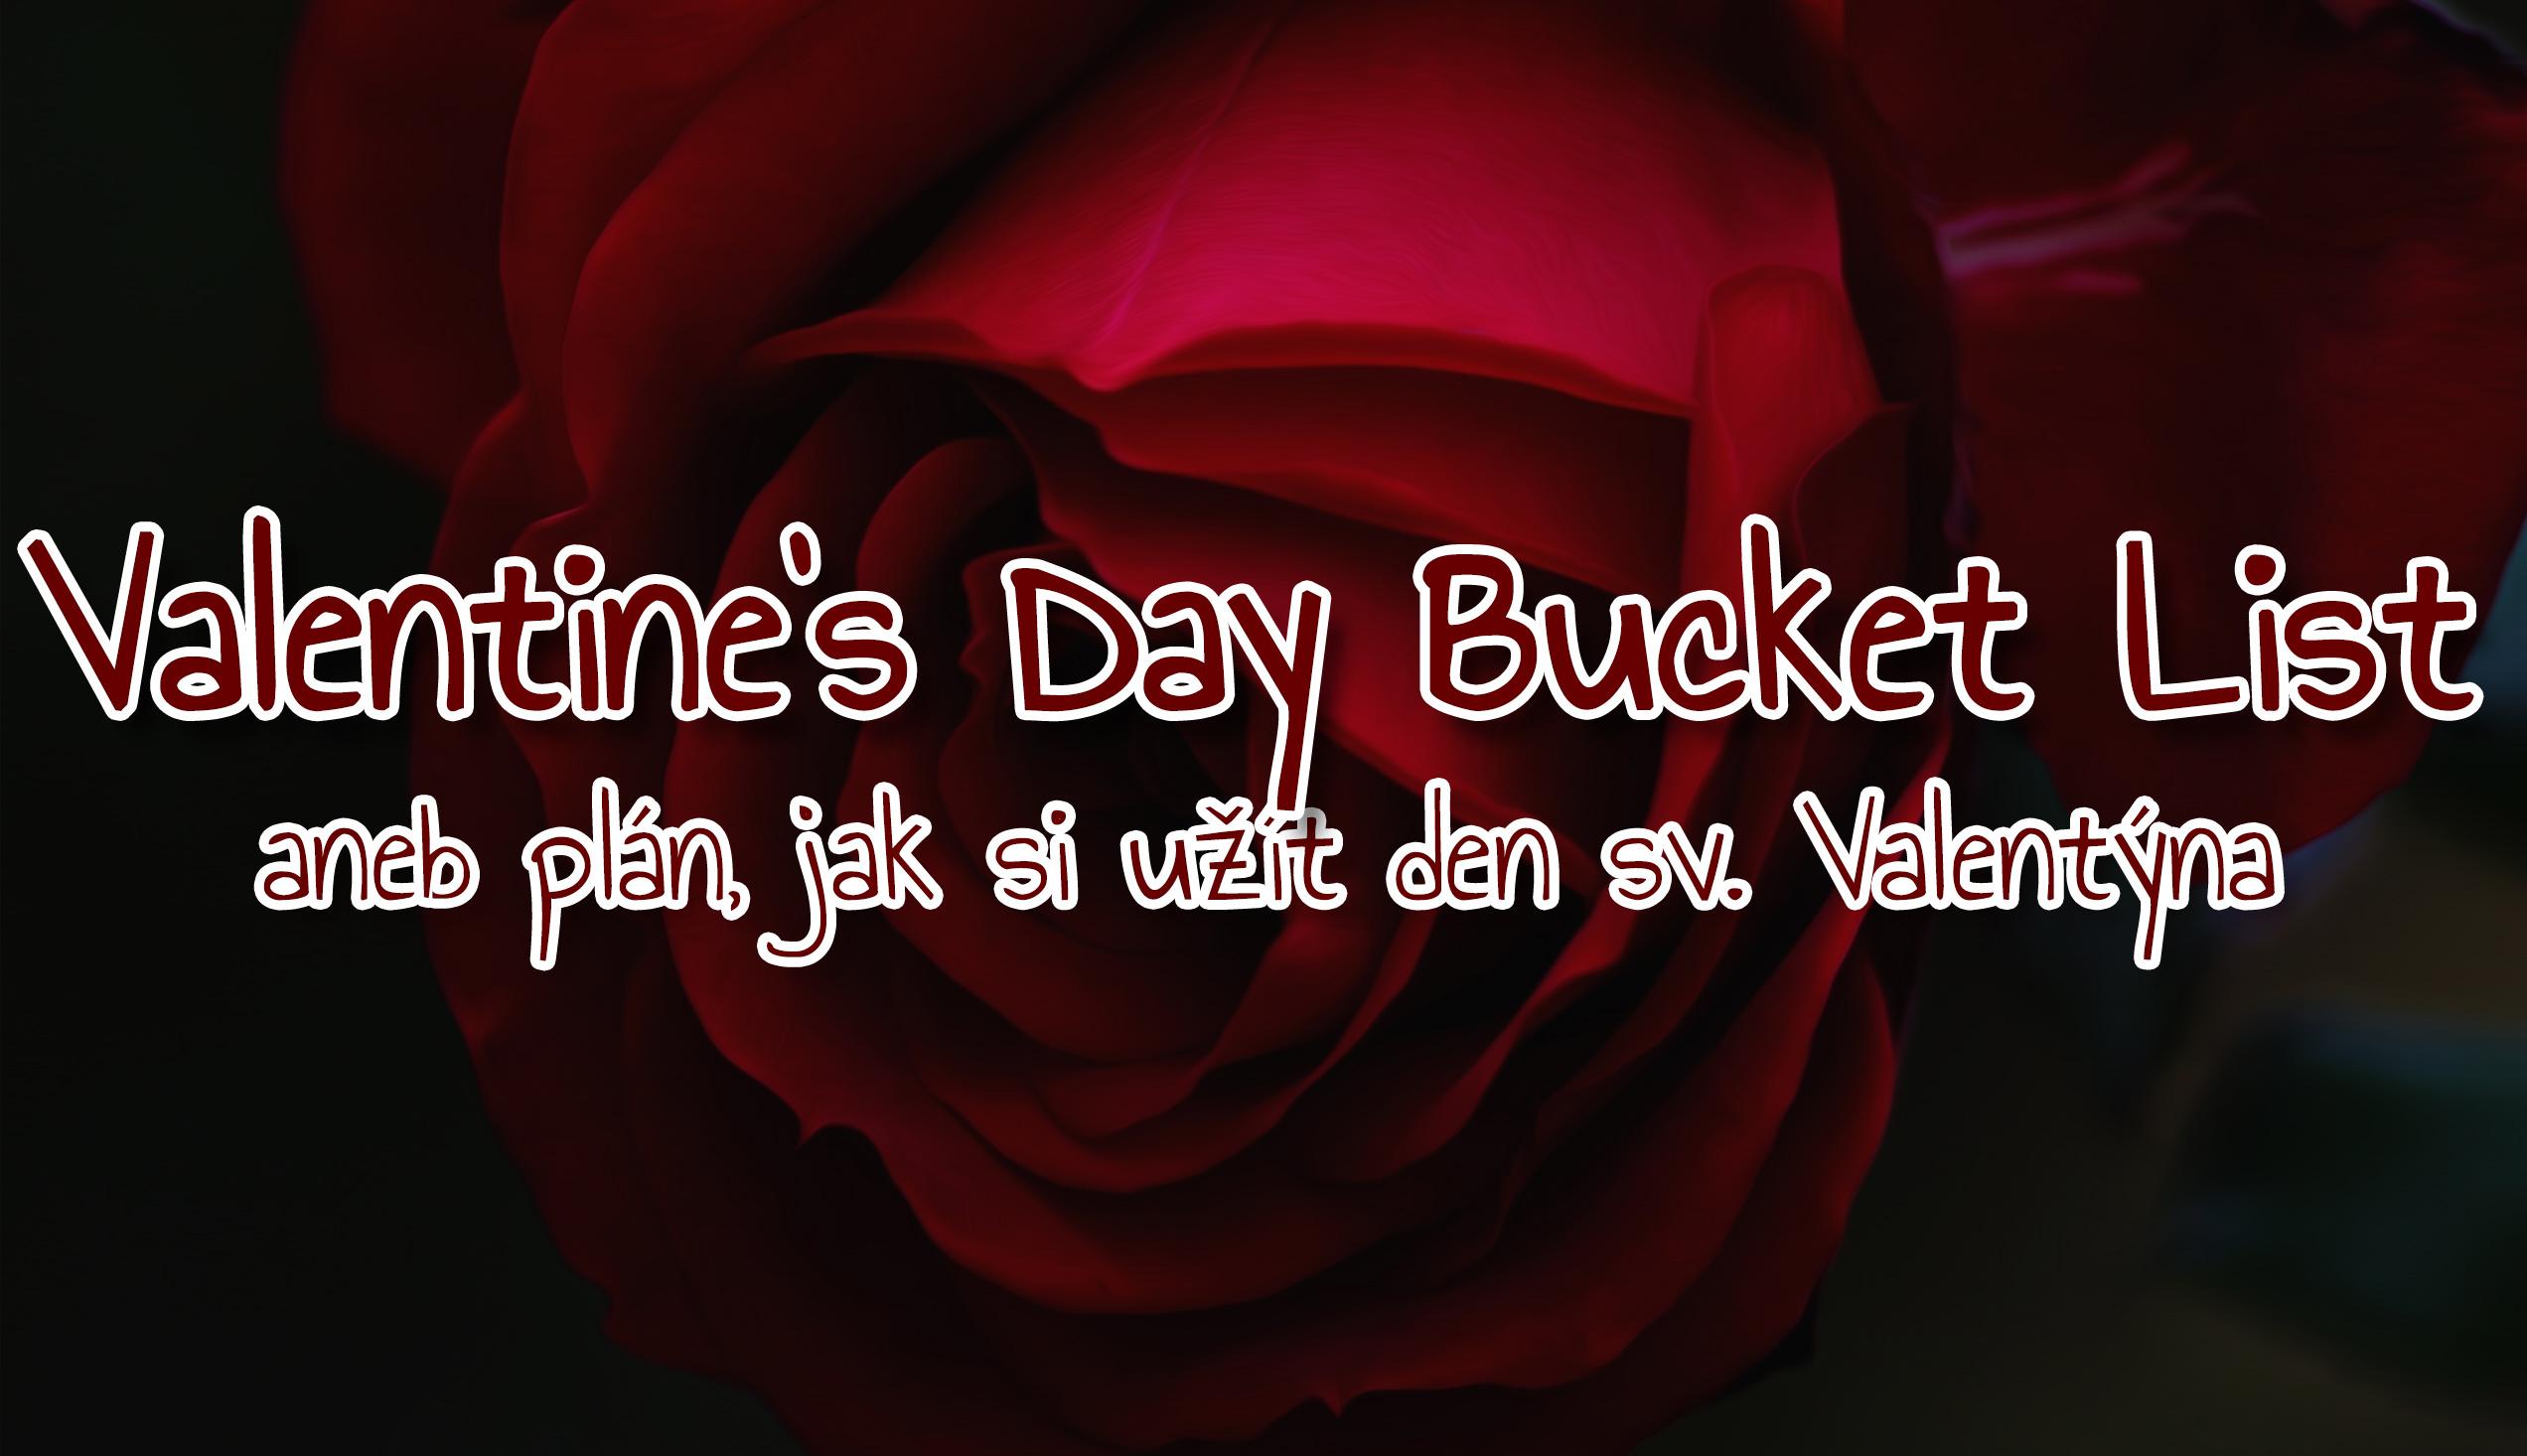 Valentine's Day Bucket List, aneb plán, jak si užít den sv. Valentýna